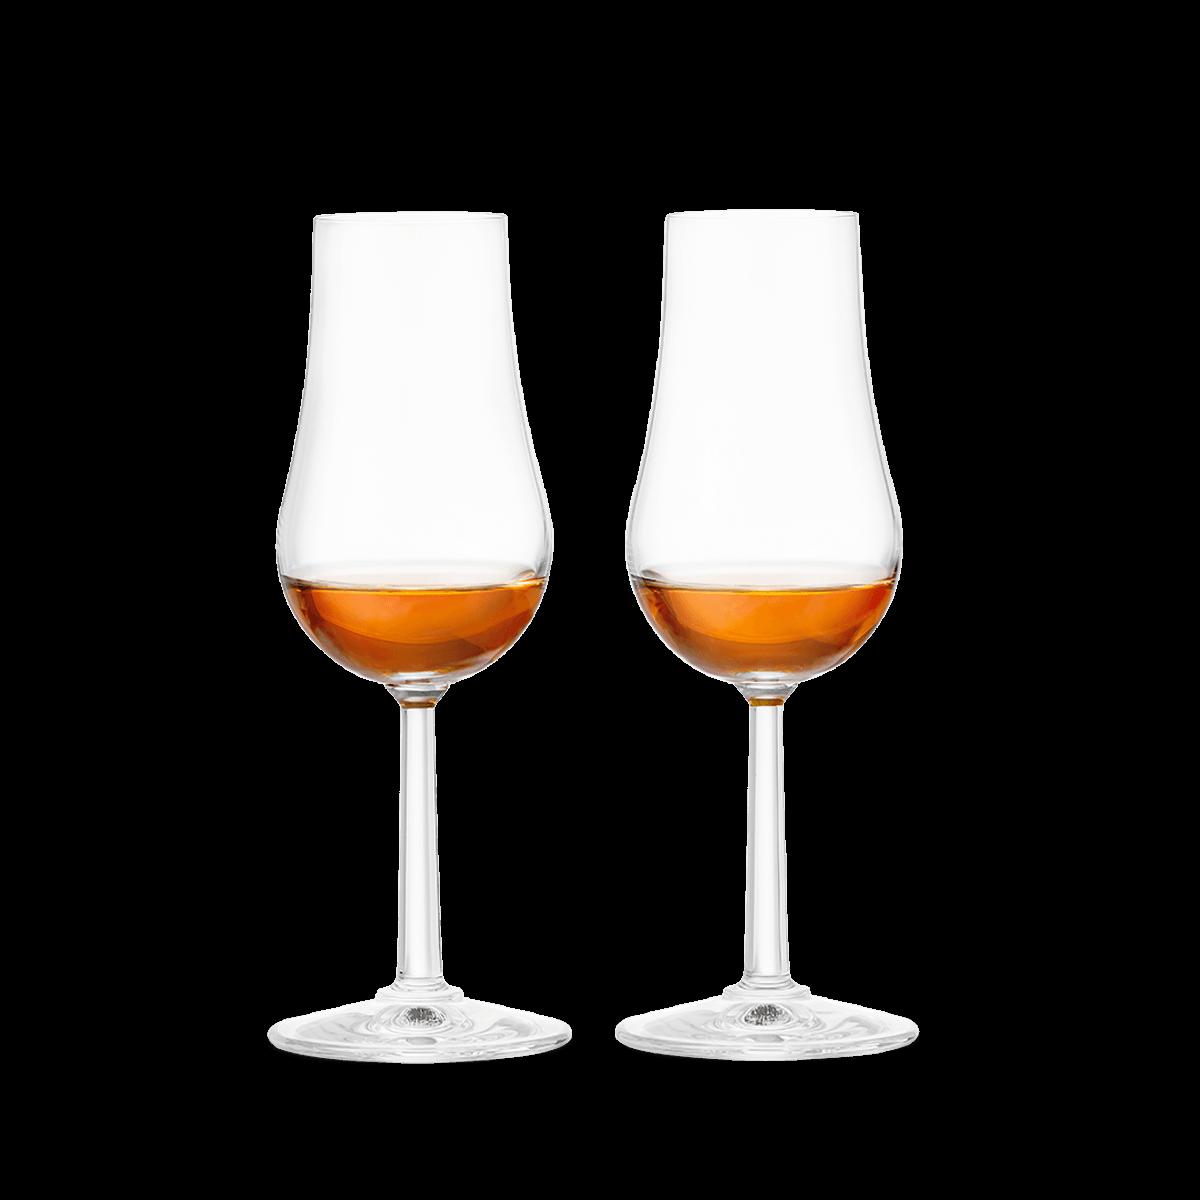 Rosendahl - Grand Cru Tulip Glass - 2 pack (25356)